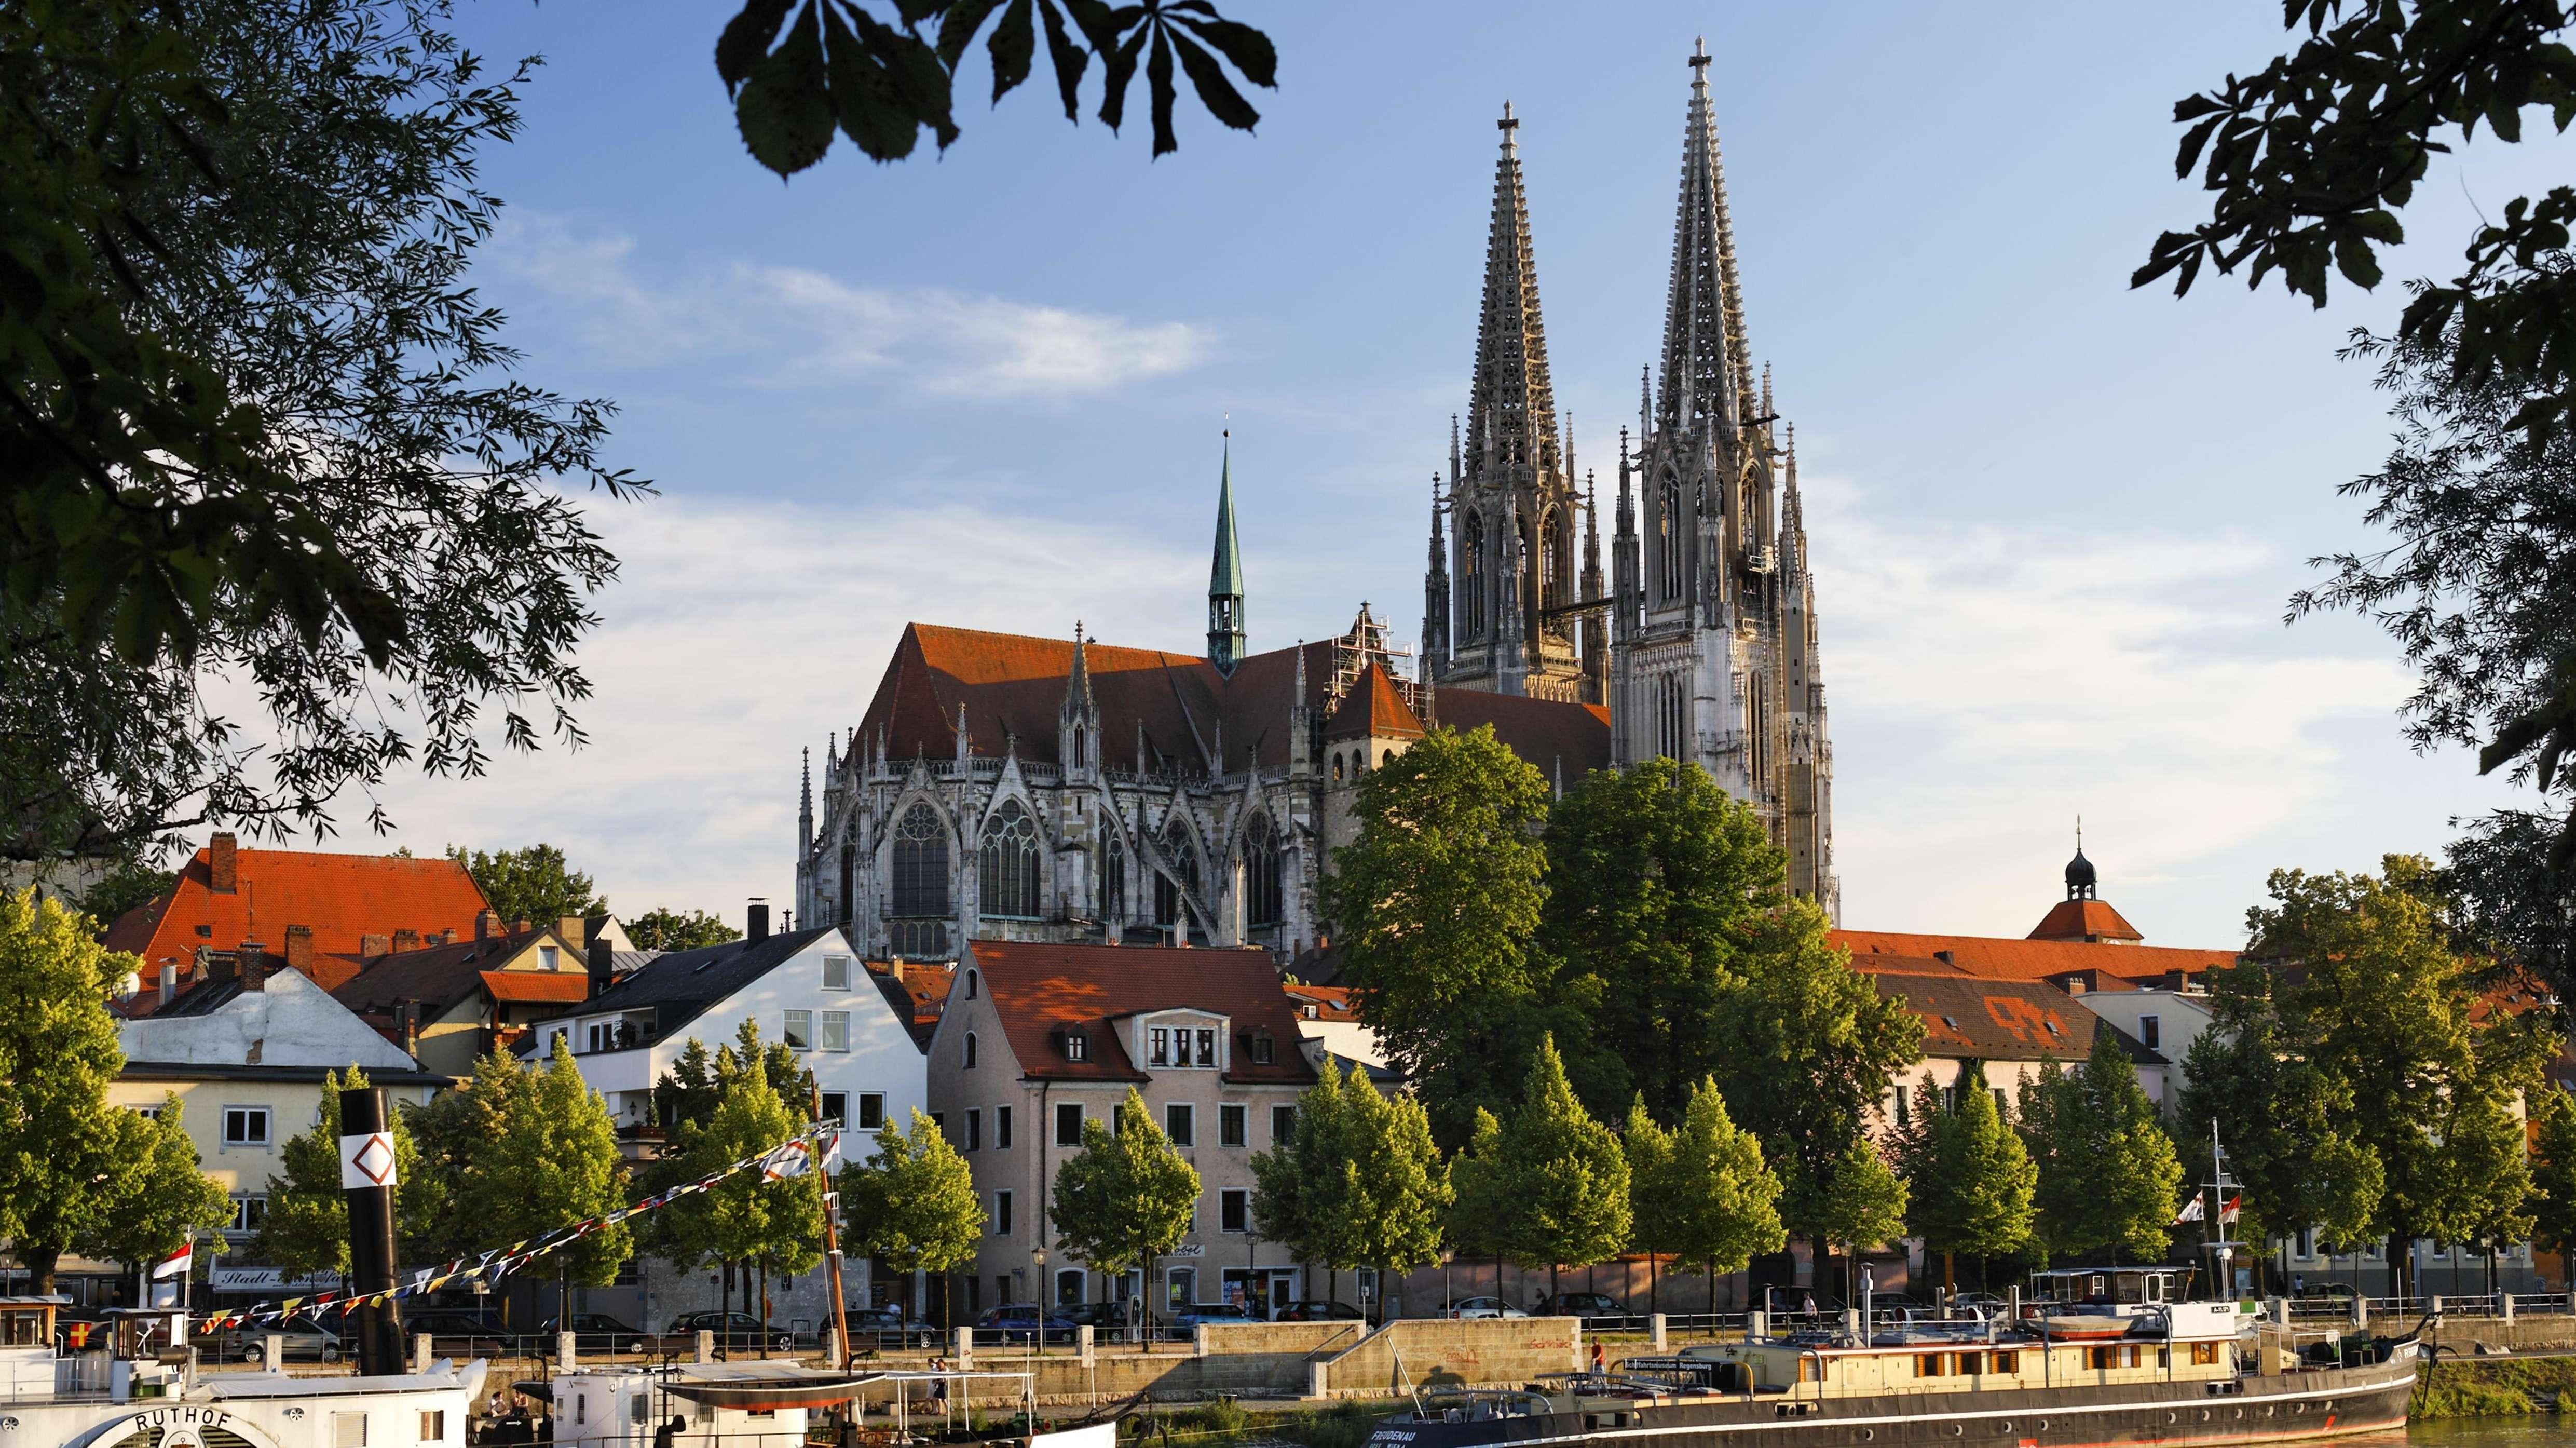 Der Regensburger Dom Sankt Peter